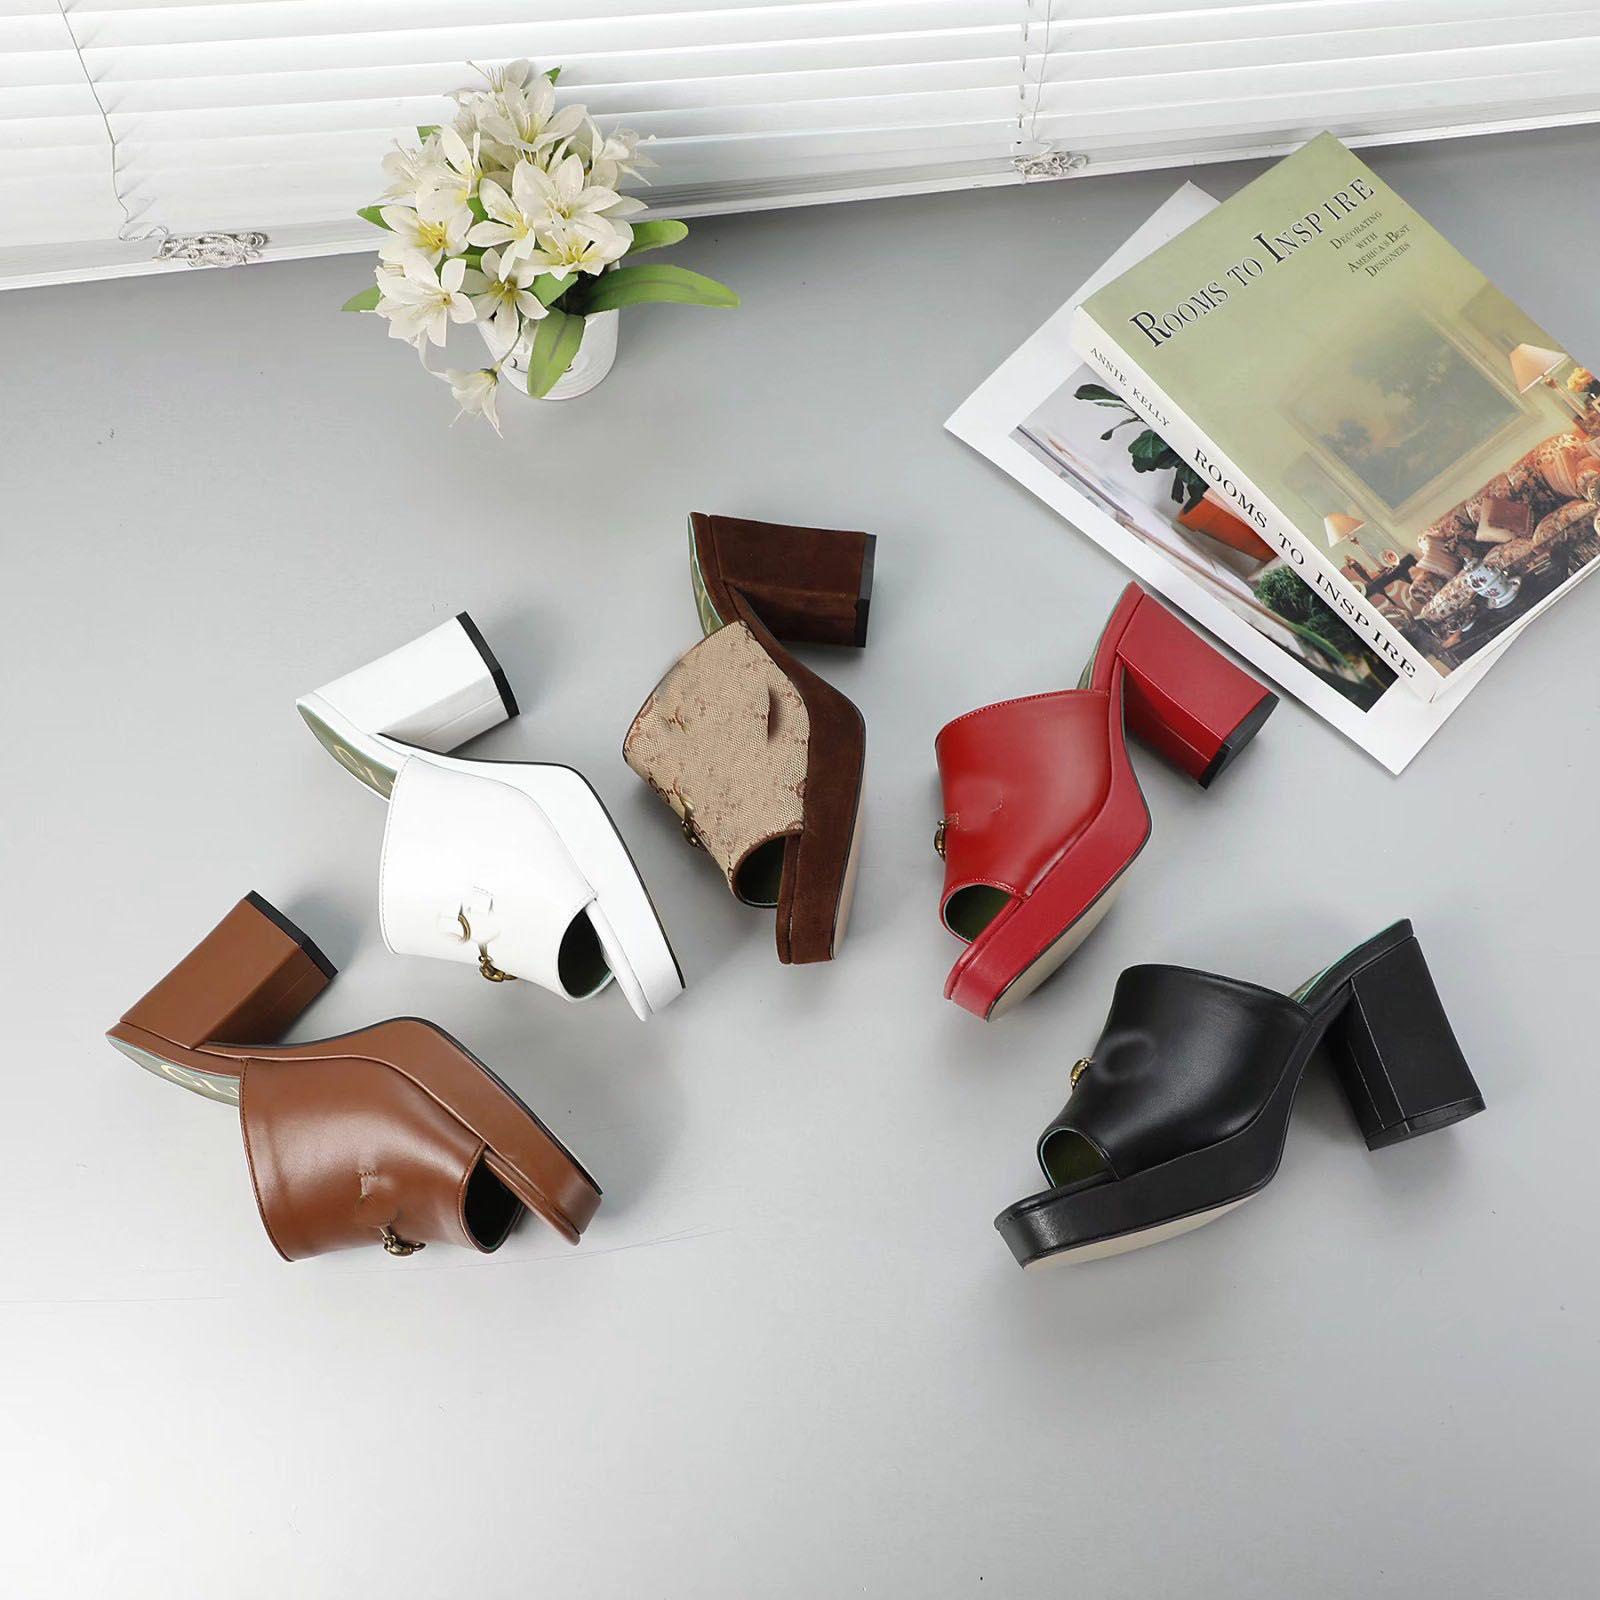 Nouveaux Designers Femmes Talons épais Sandales Sandales Filles Platform talons Chaussures Casual Chunky Pompes Cuir Soft Pantoufles en plein air Grand taille 41 # GL12